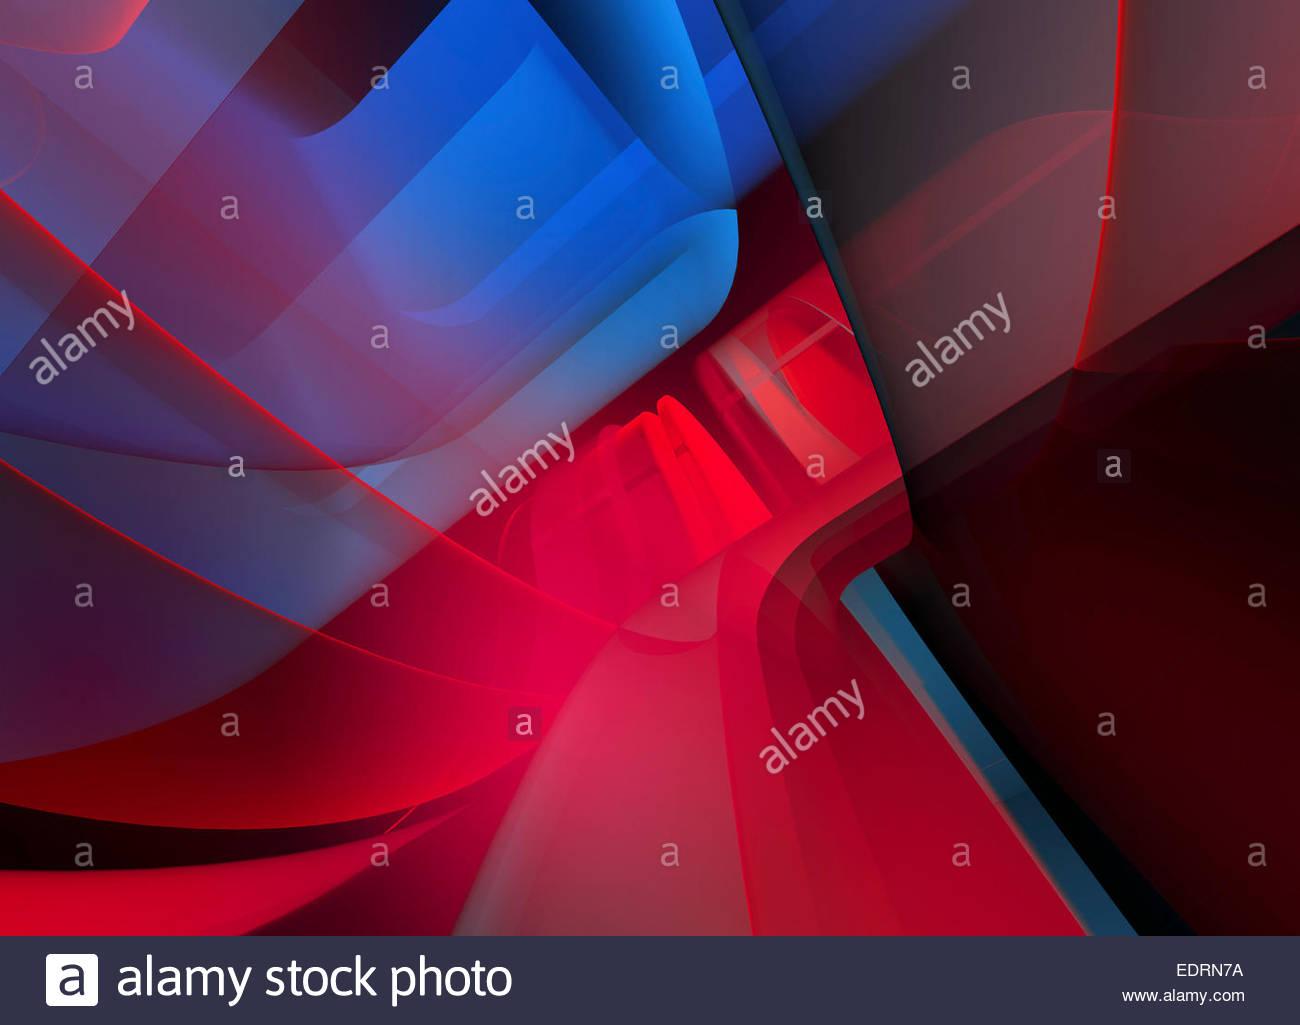 Abstract frame completo rosso e blu modello sfondi Immagini Stock